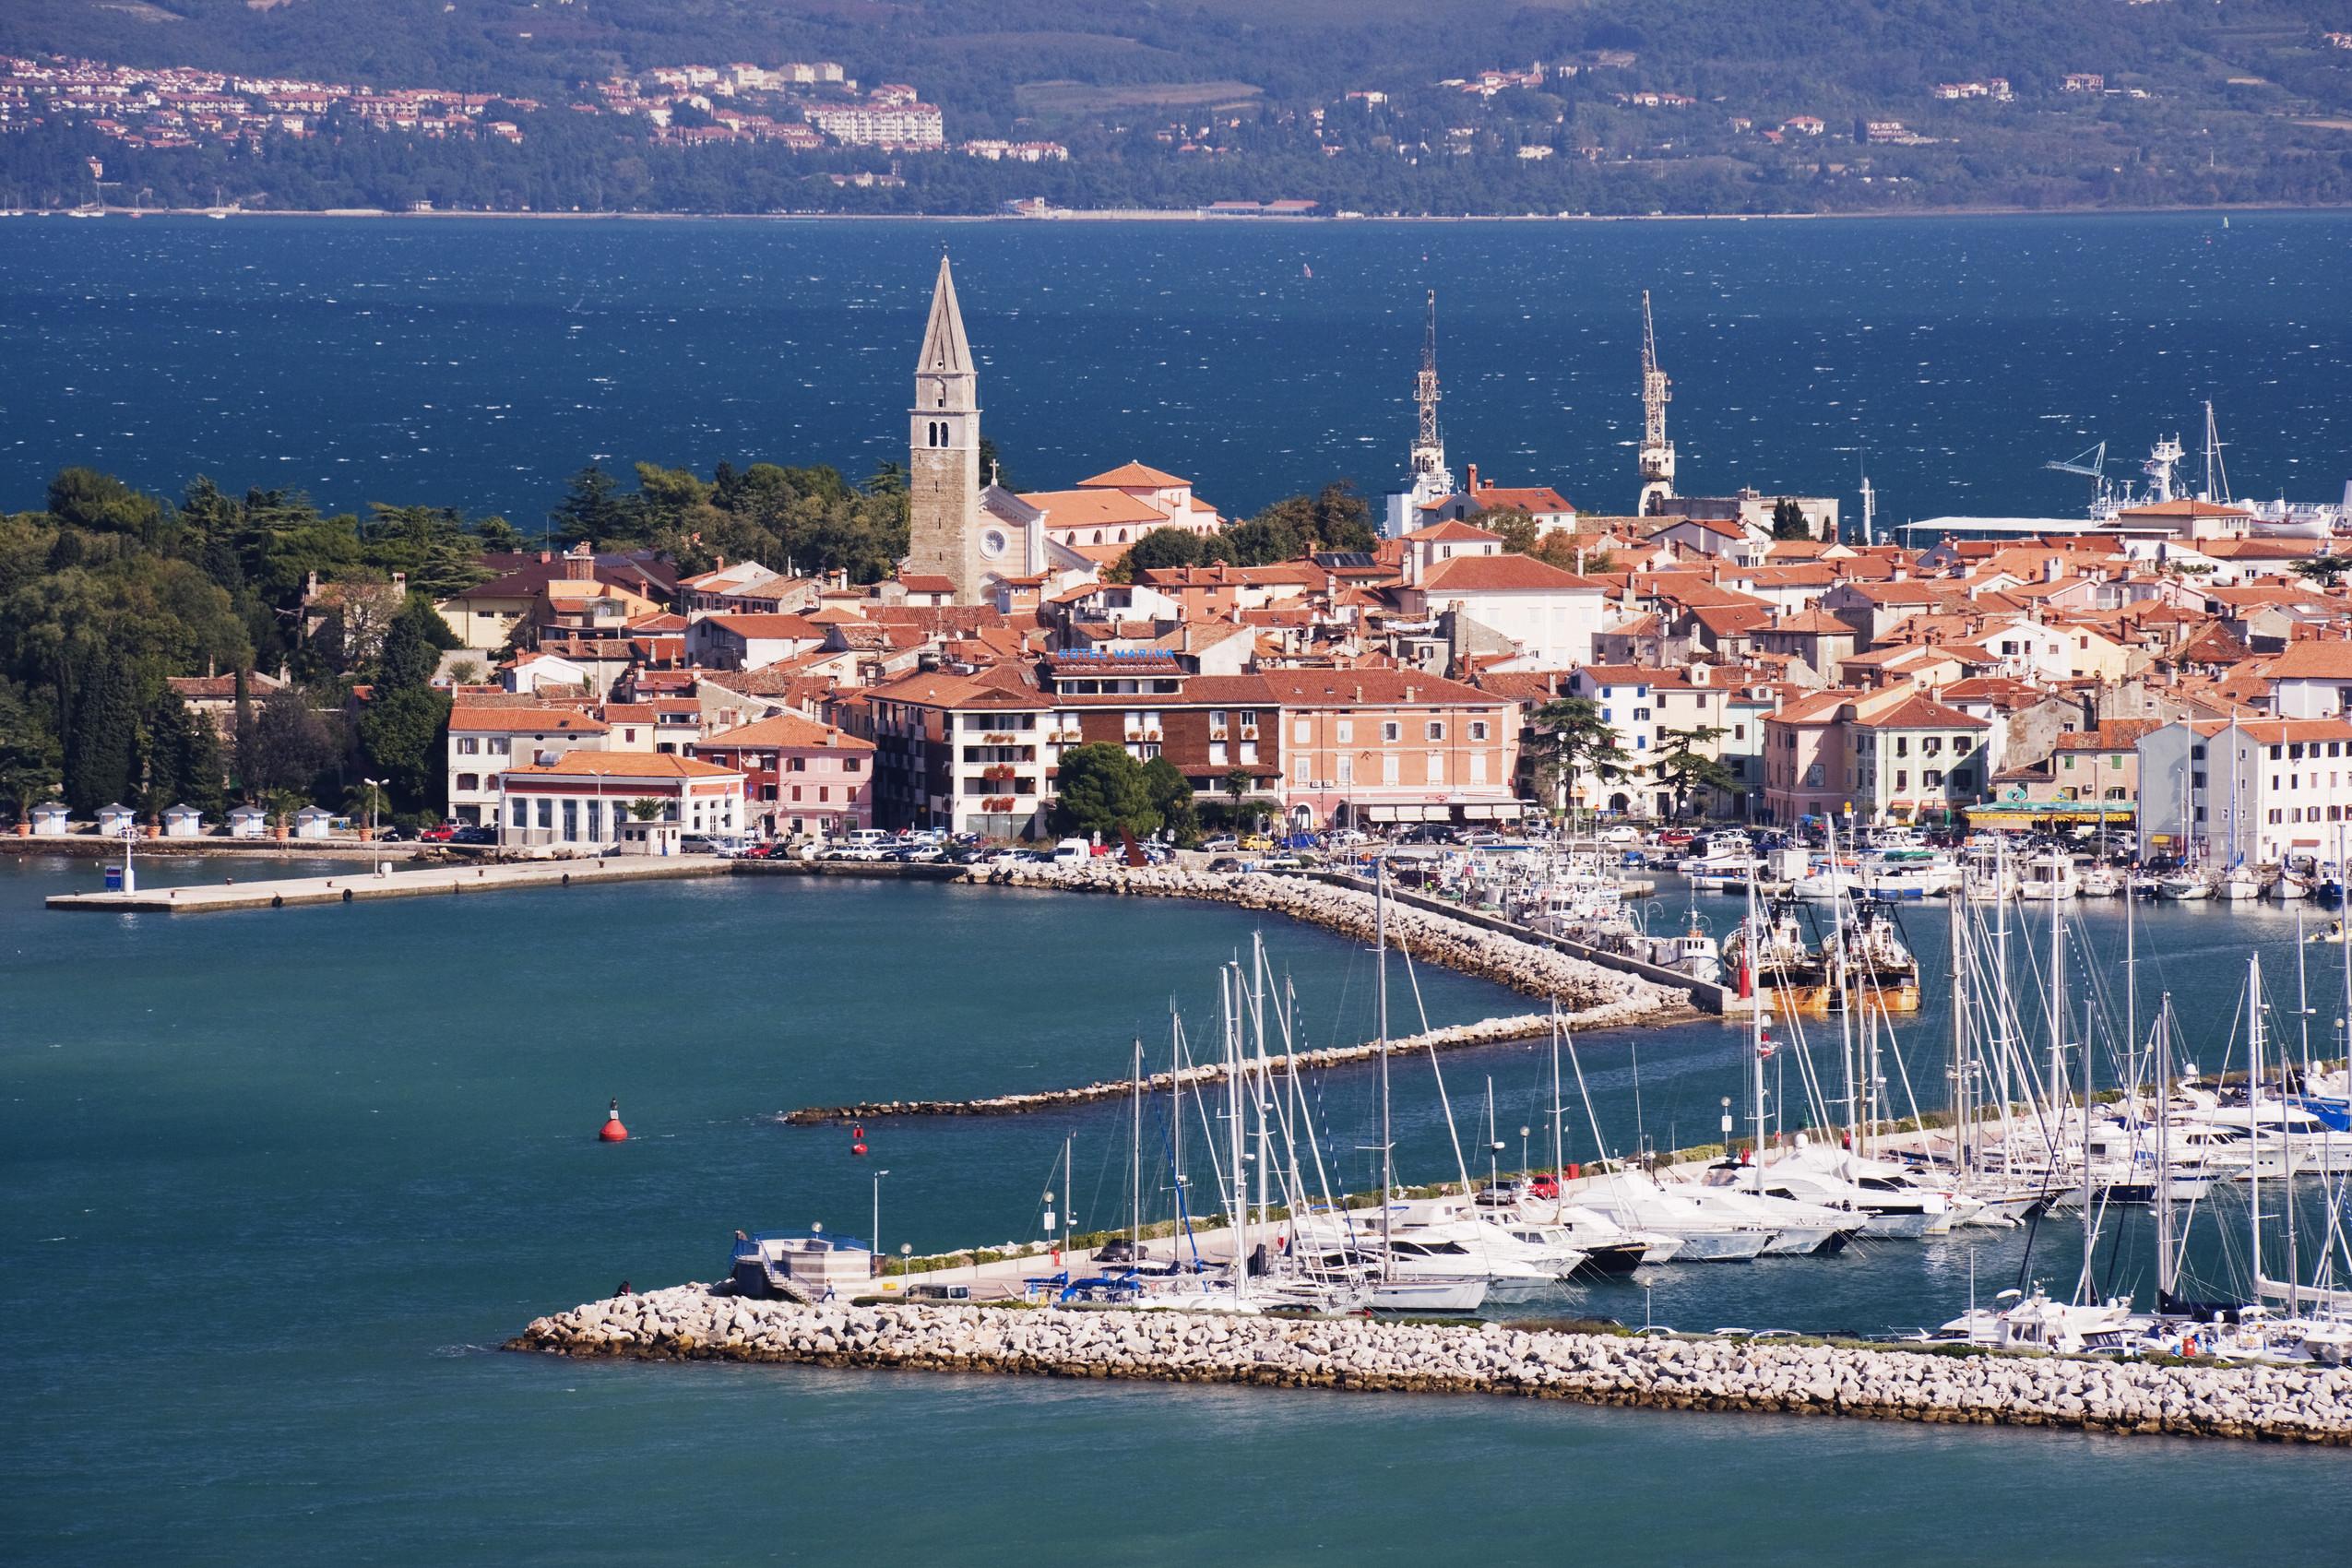 Town of Izola, Slovenia